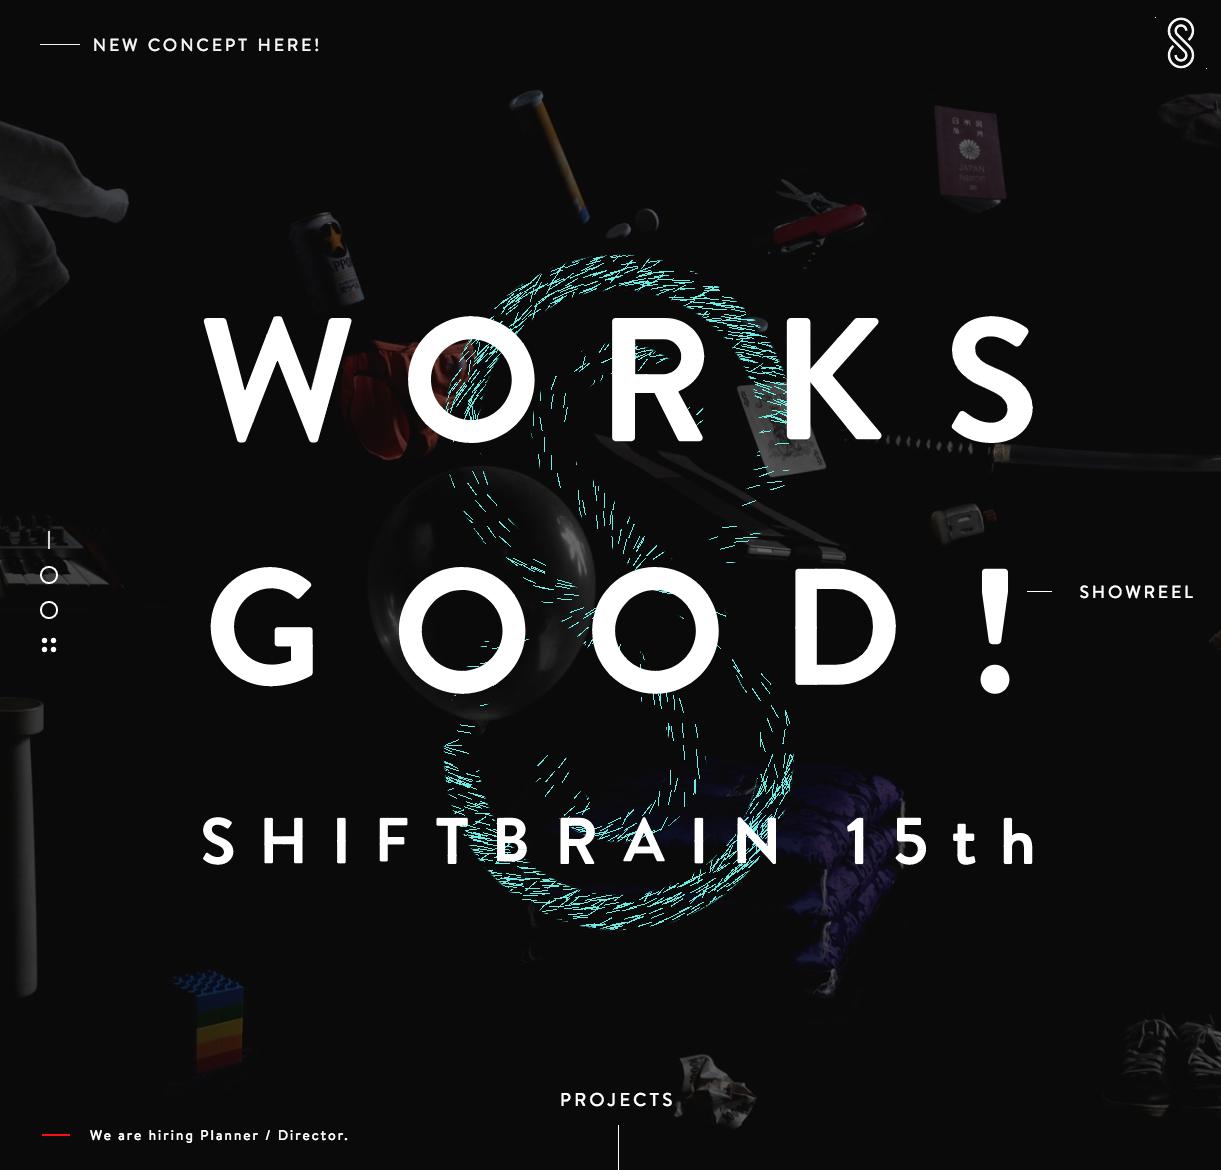 SHIFTBRAIN Inc